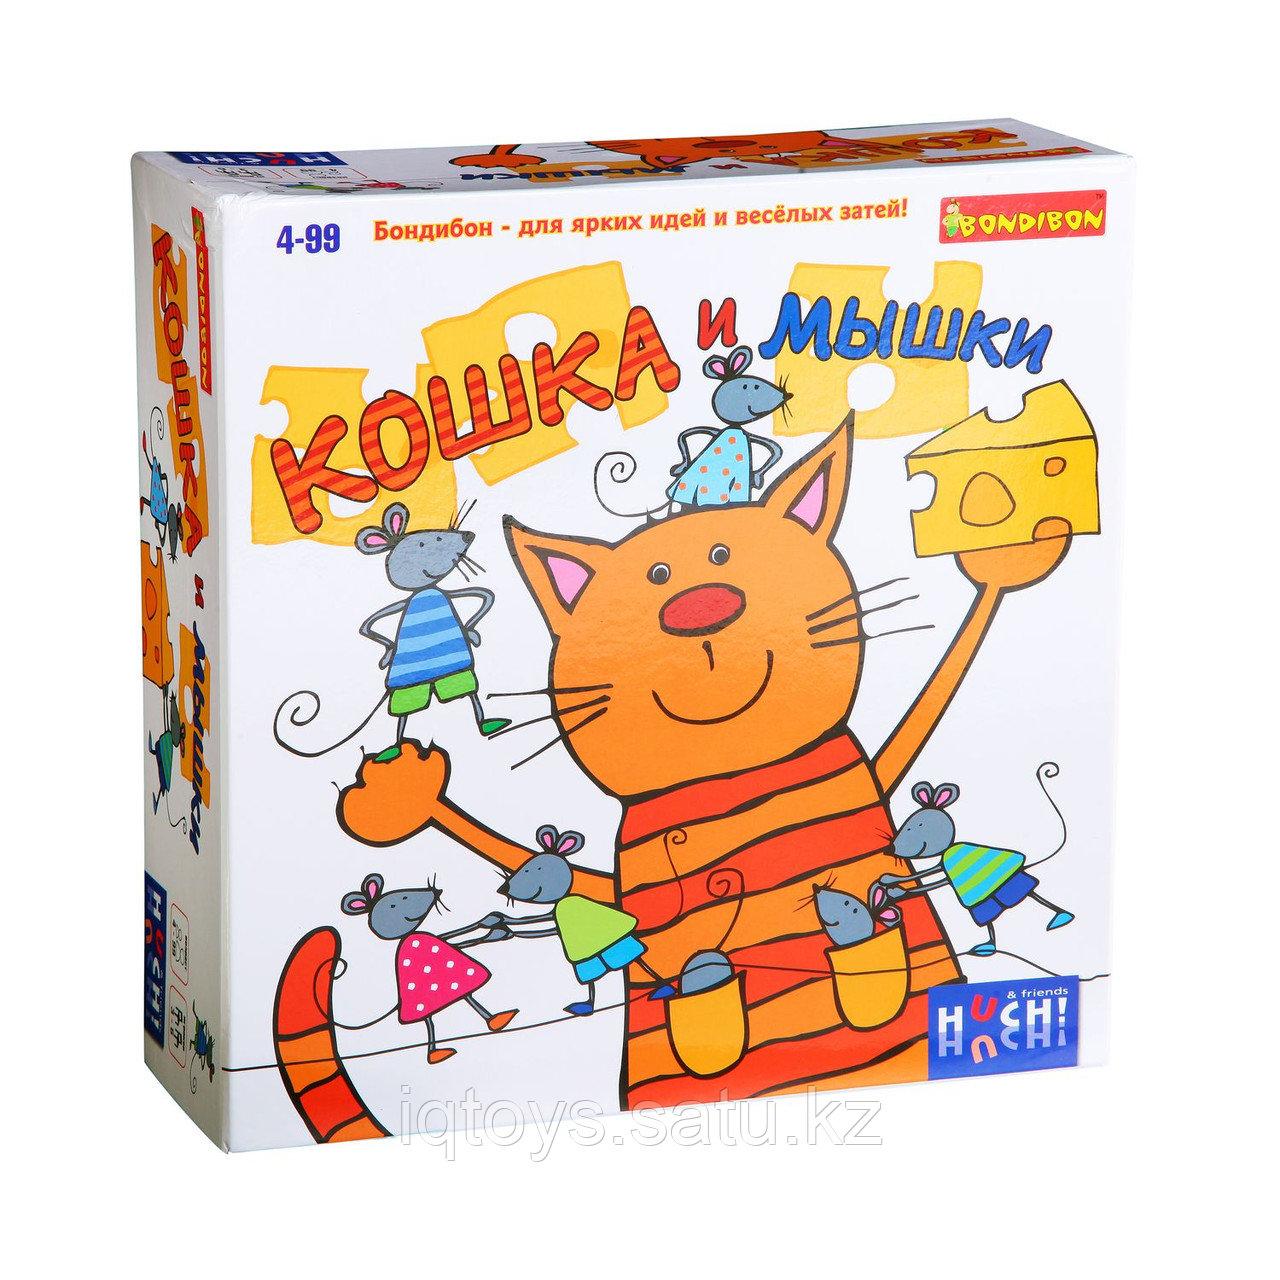 Настольная игра Кошка и мышки Бондибон (Bondibon)